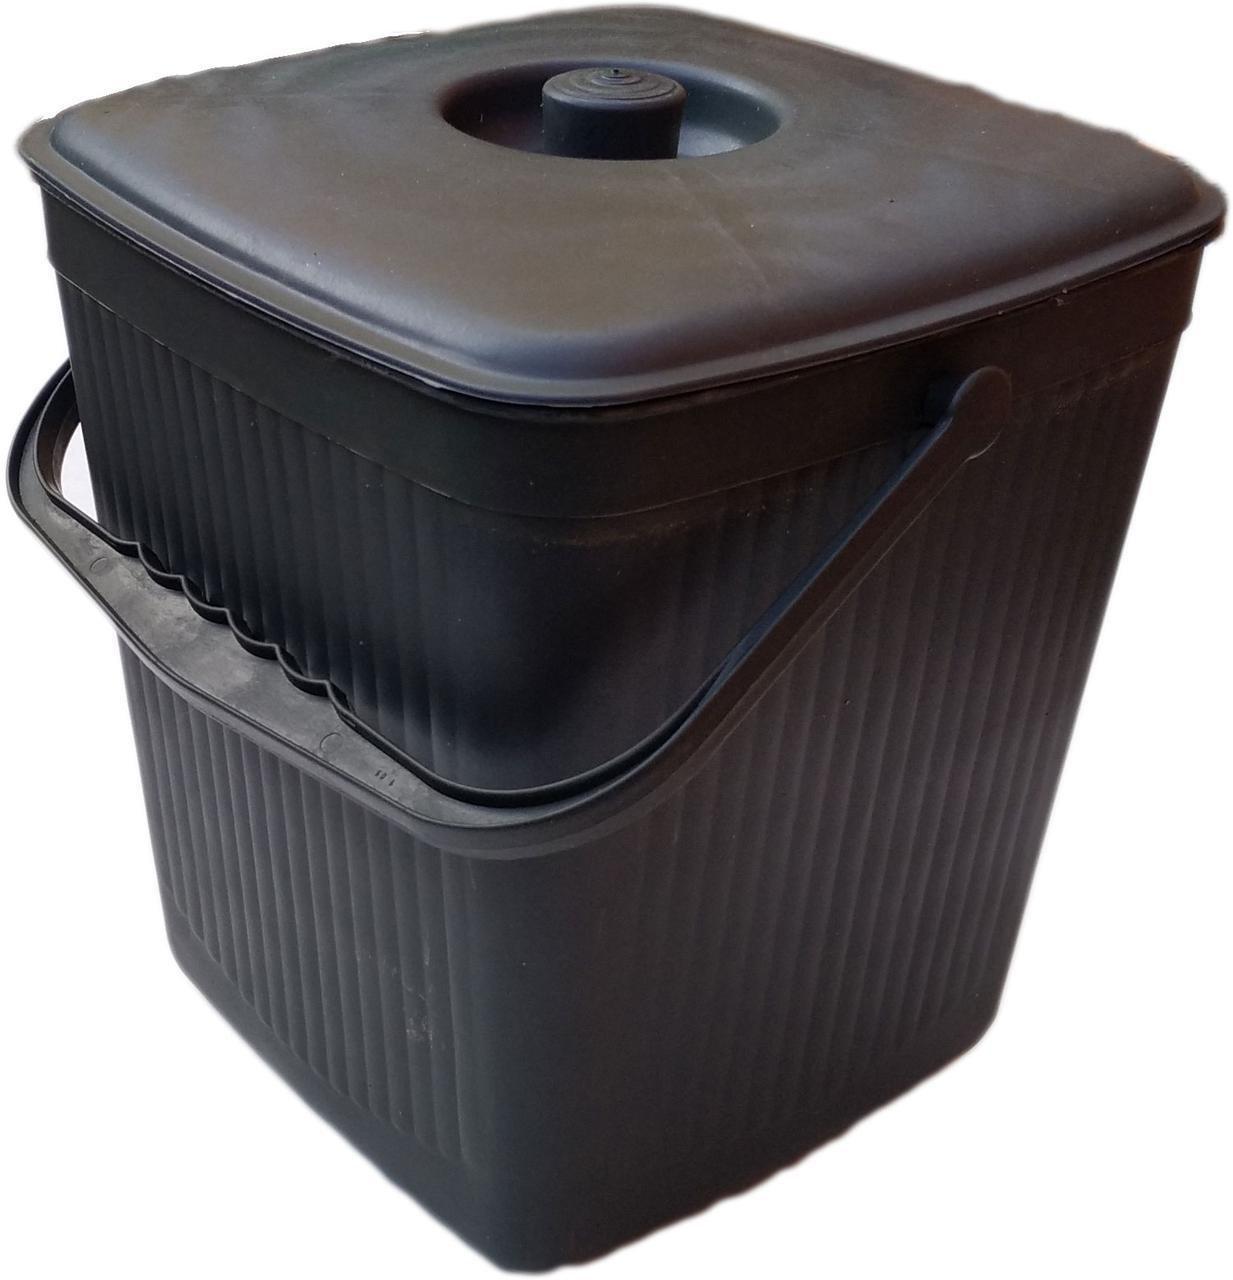 Відро для сміття квадратне пластикове 12 літрів чорне (ХАРПЛАСТМАС)